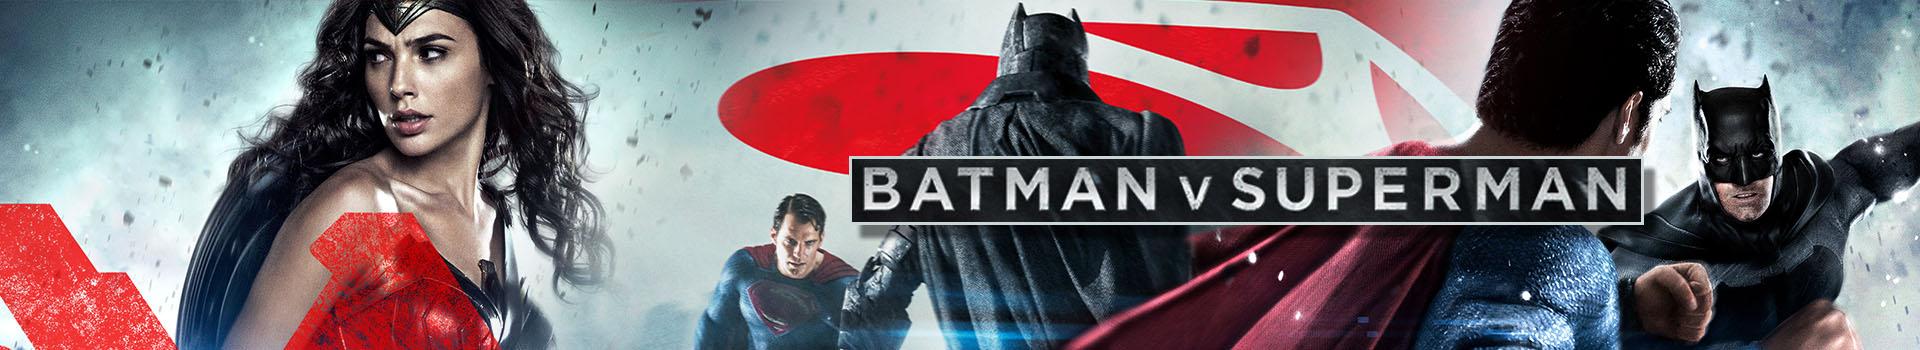 Batman vs. Superman - Dawn of Justice